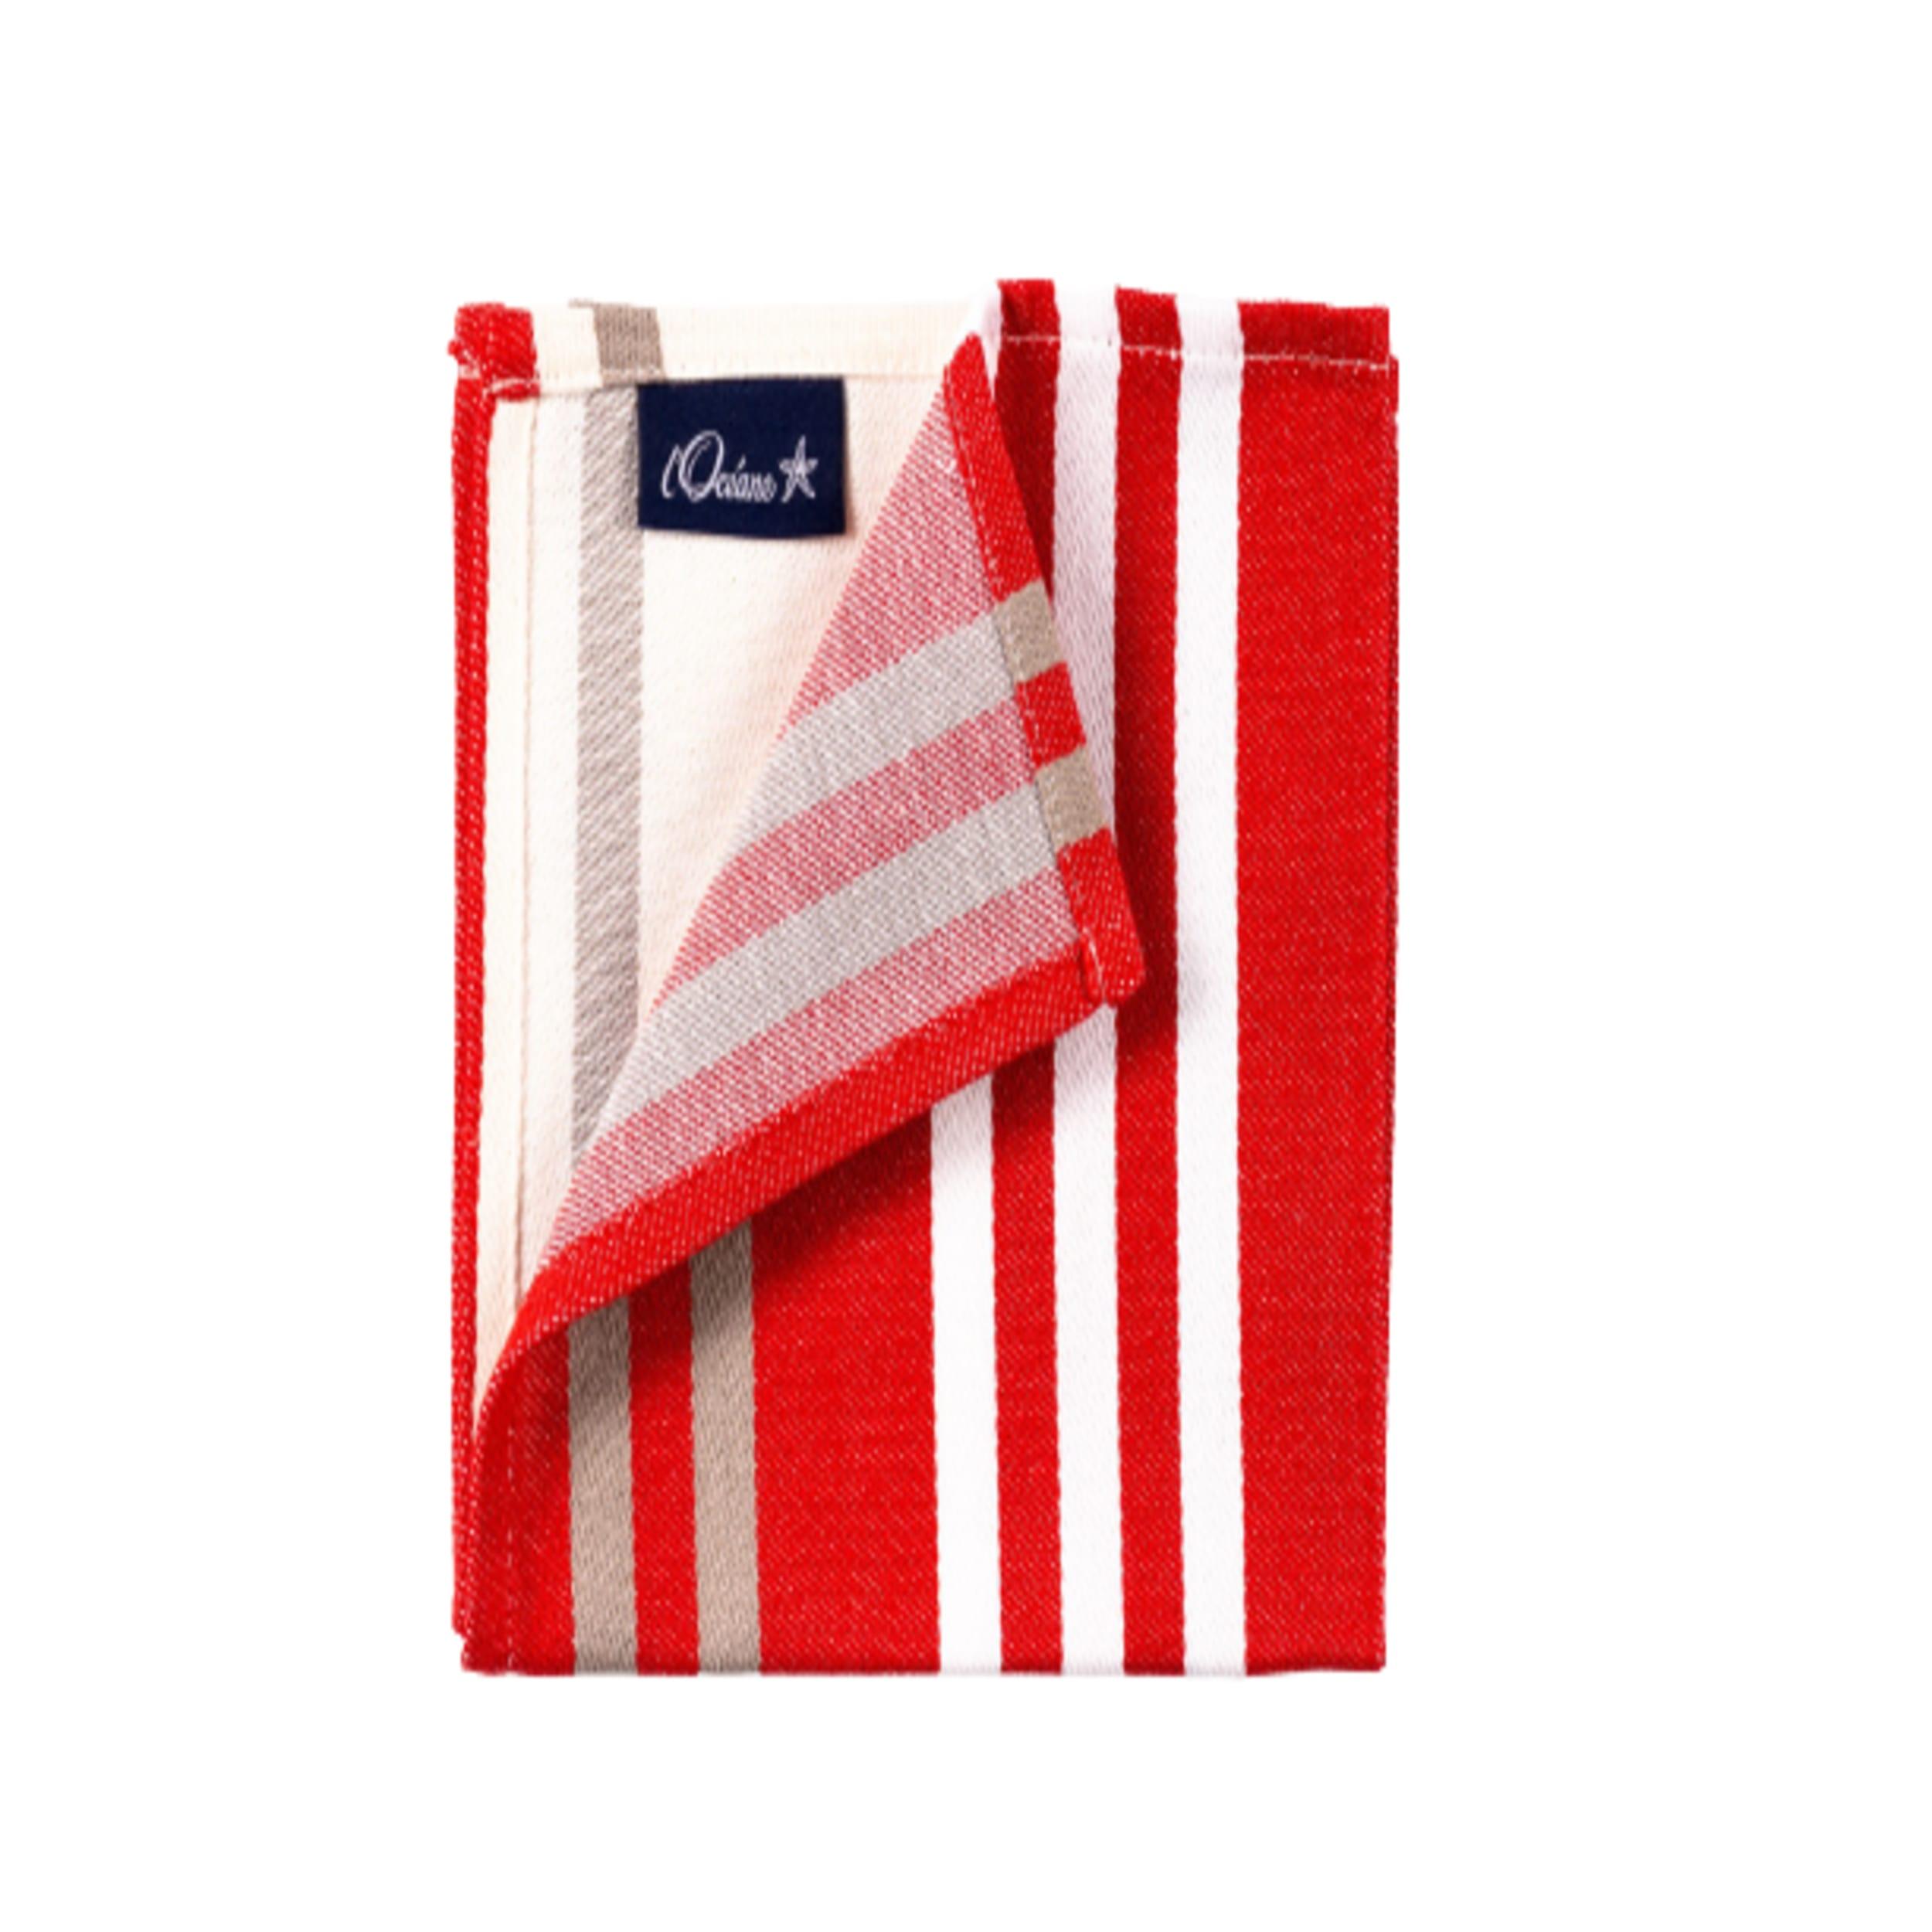 1 lot de 6 serviettes de table 100% coton de satin rouge 36 x 36 cm